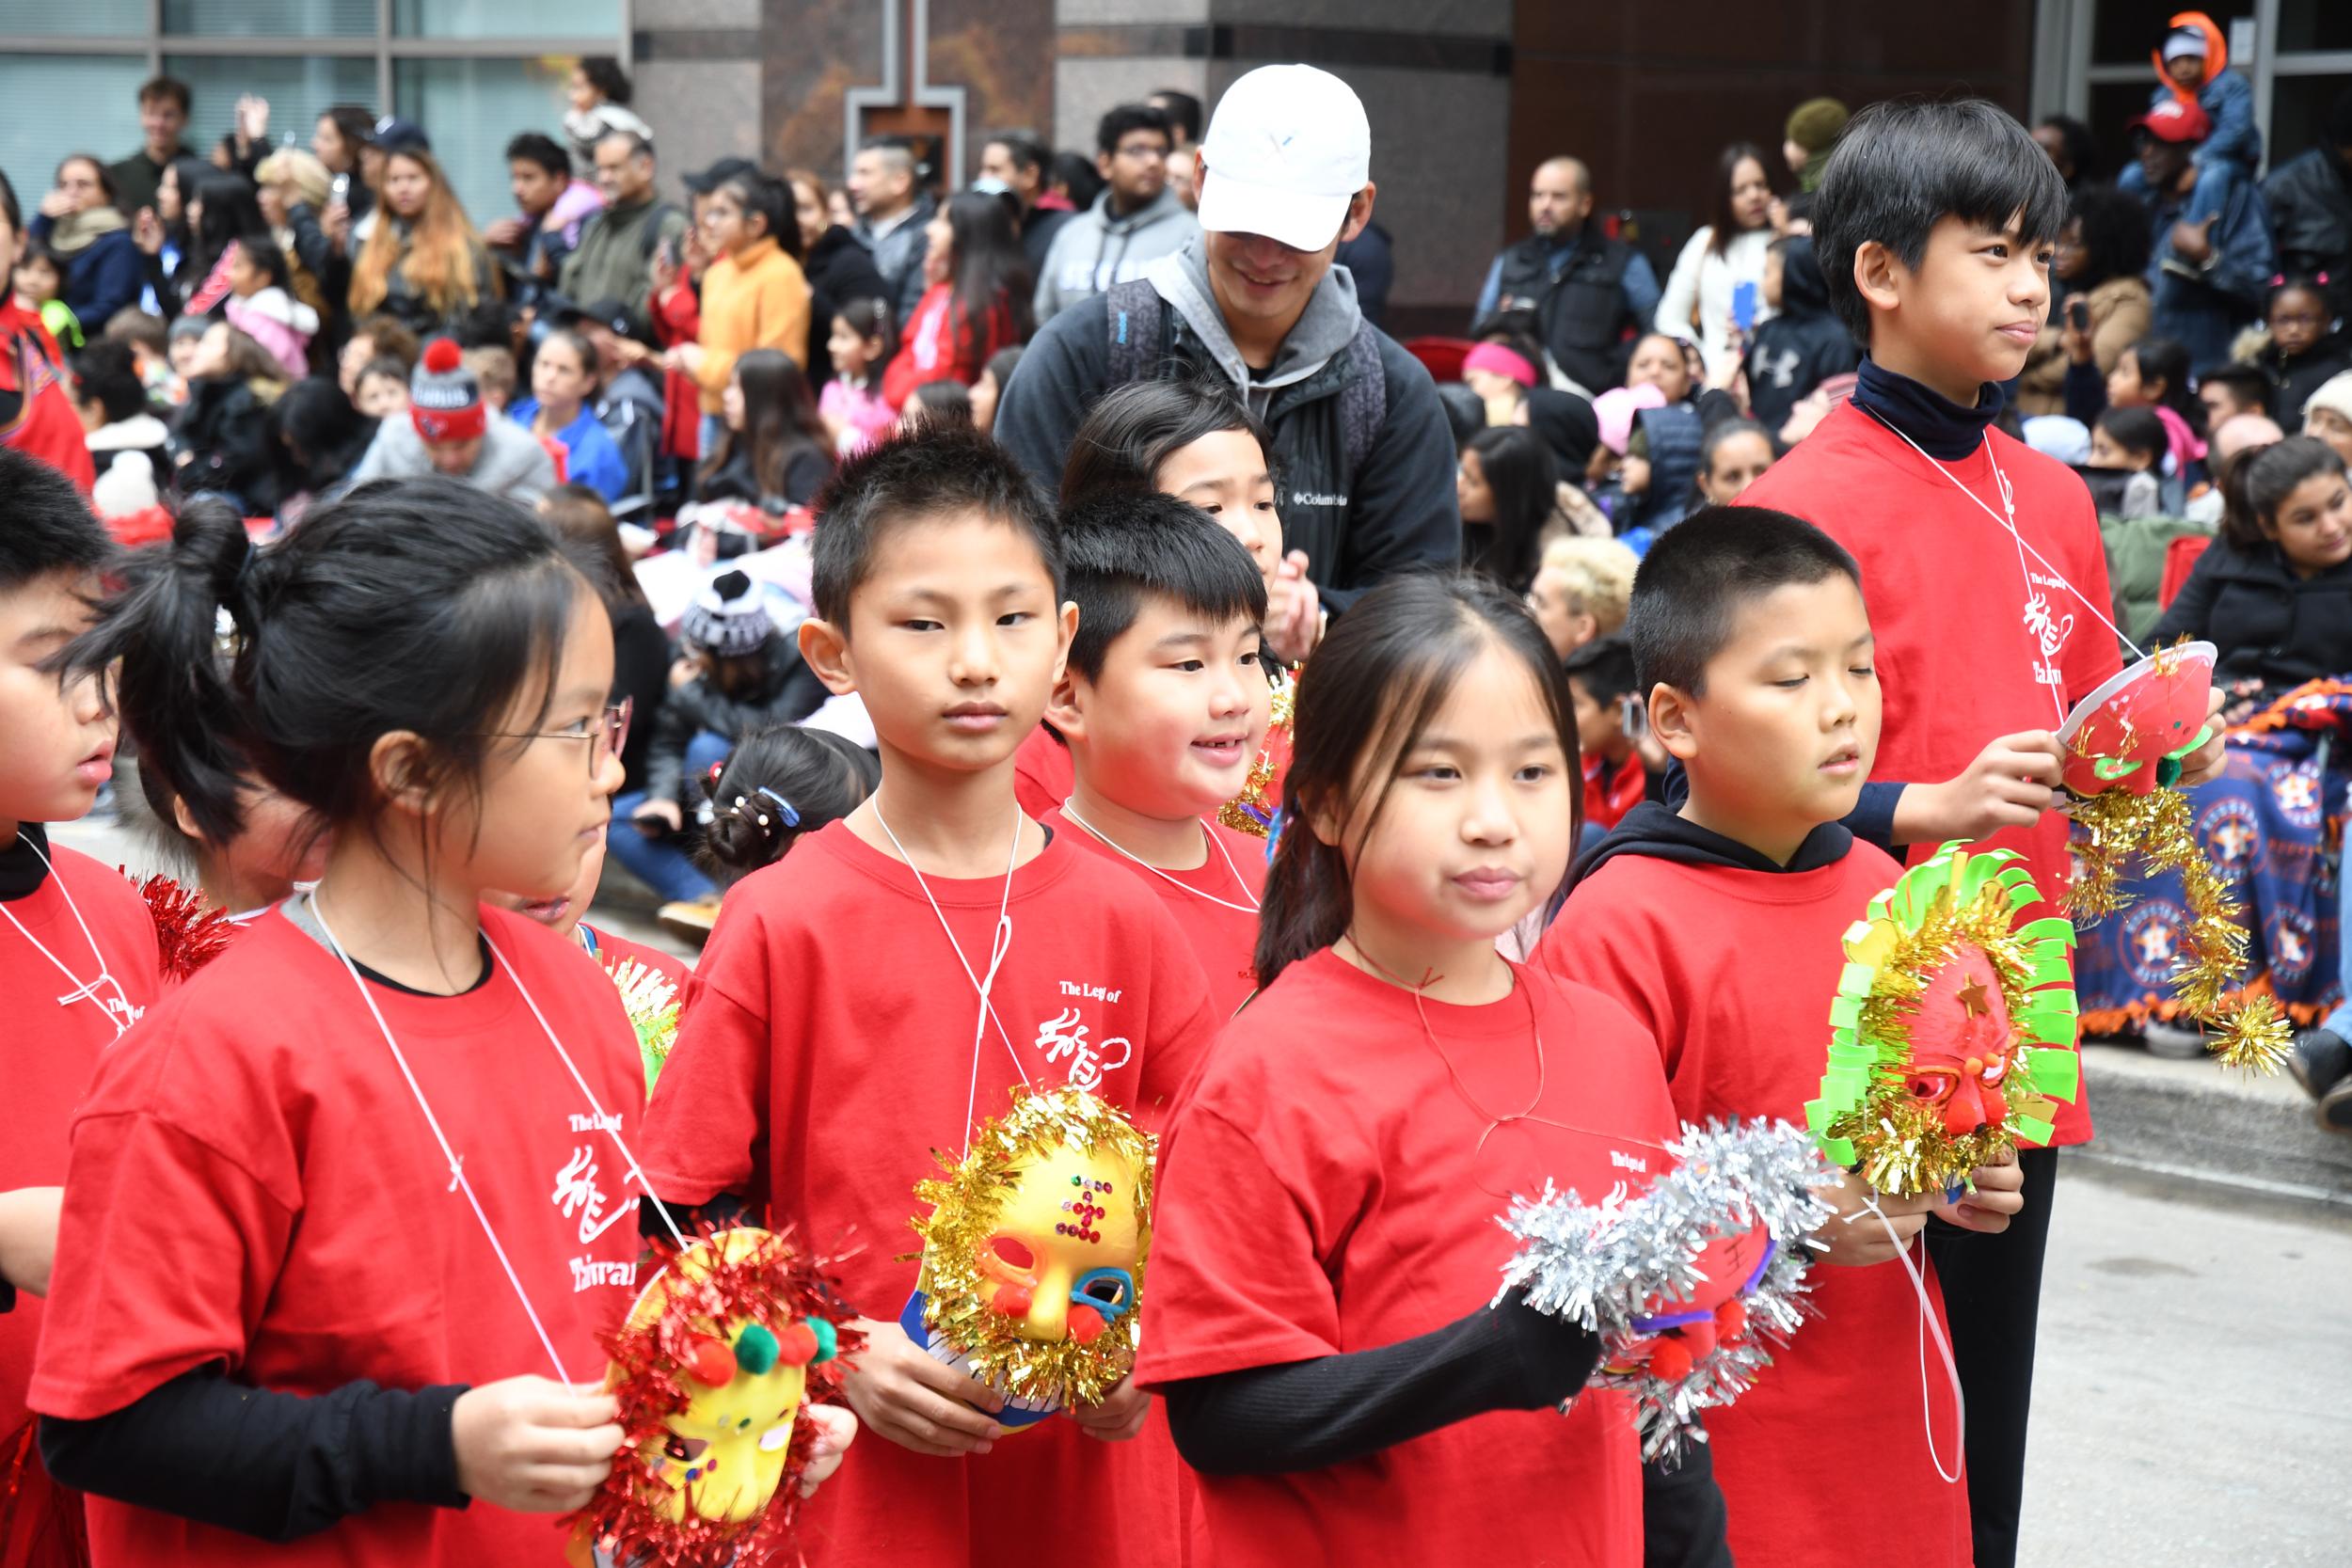 小朋友穿上紅色制服手持小獅子面具,色彩亮麗十分顯眼。